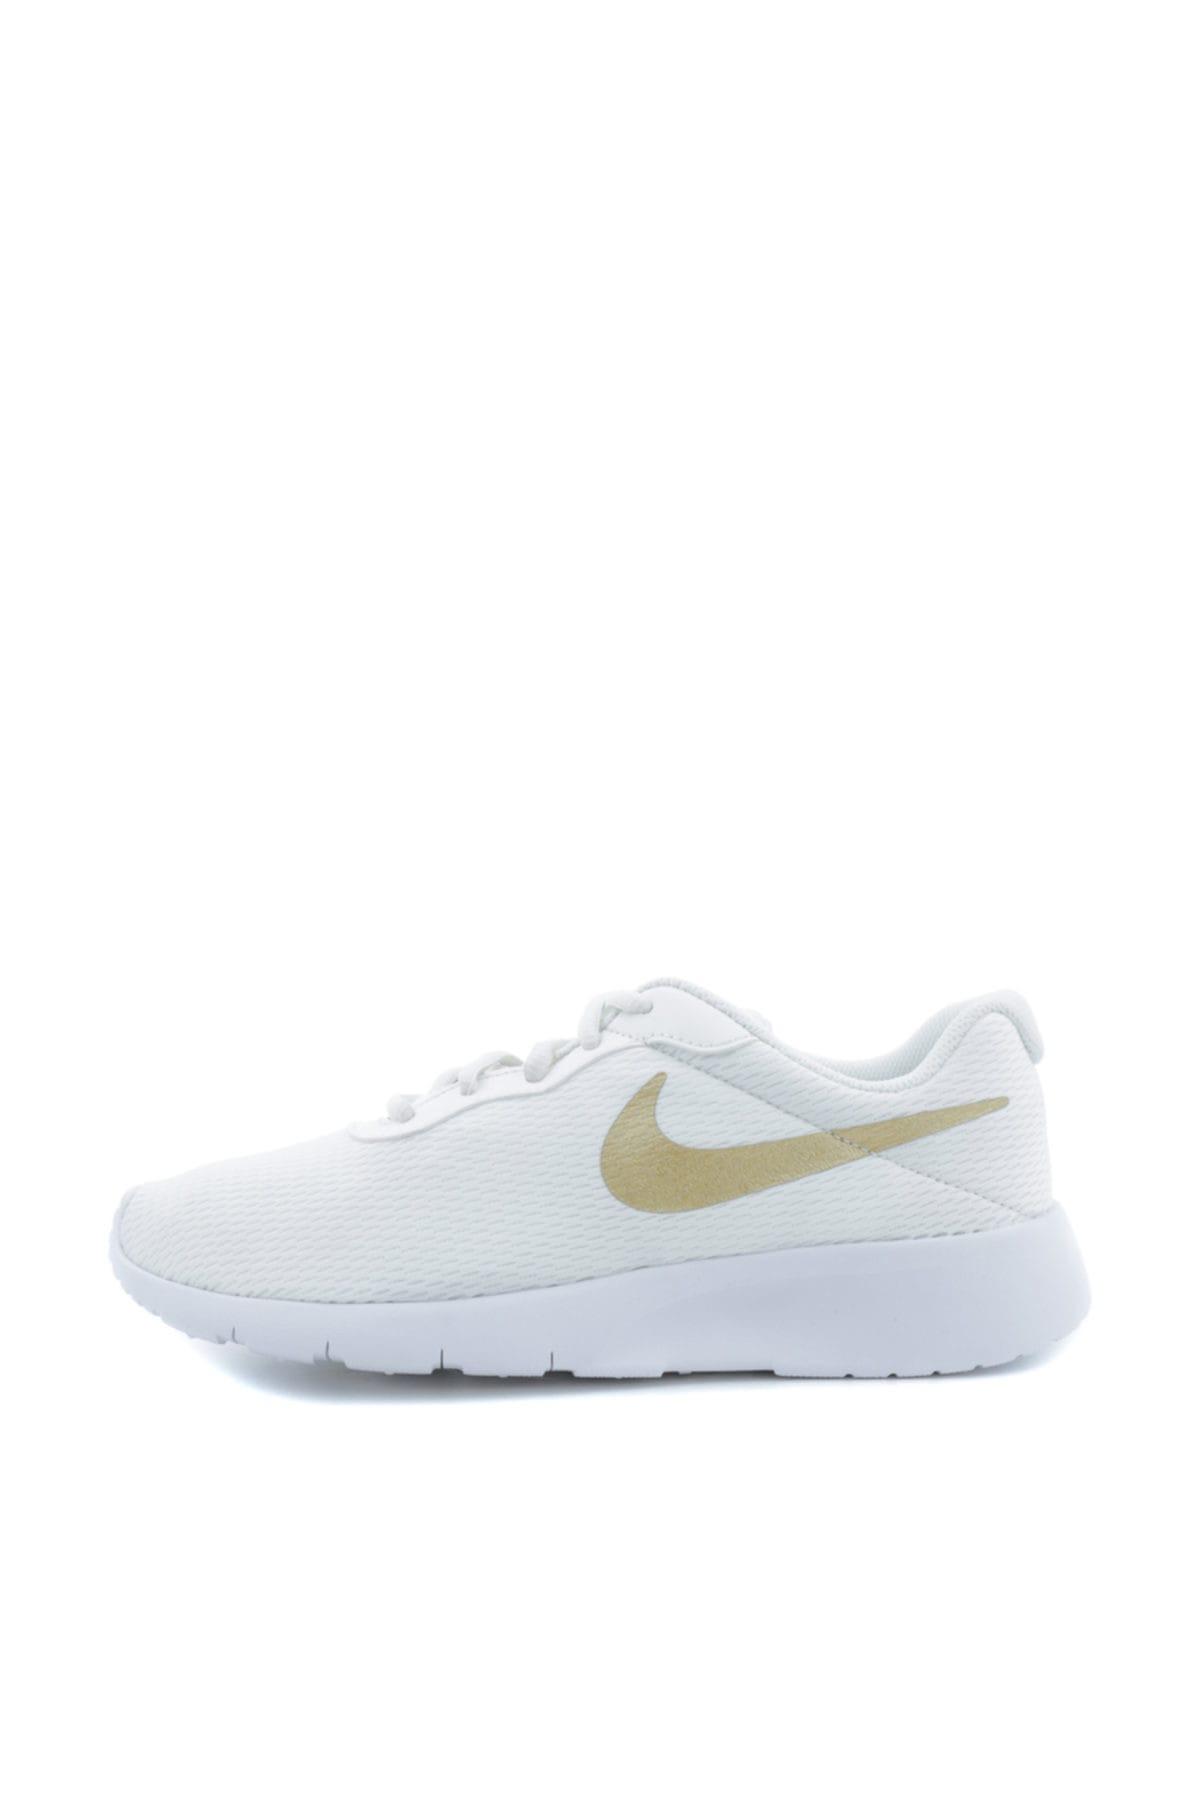 Nike Kids Nike 818381-100 TANJUN Kadın Beyaz Günlük Ayakkabı 1